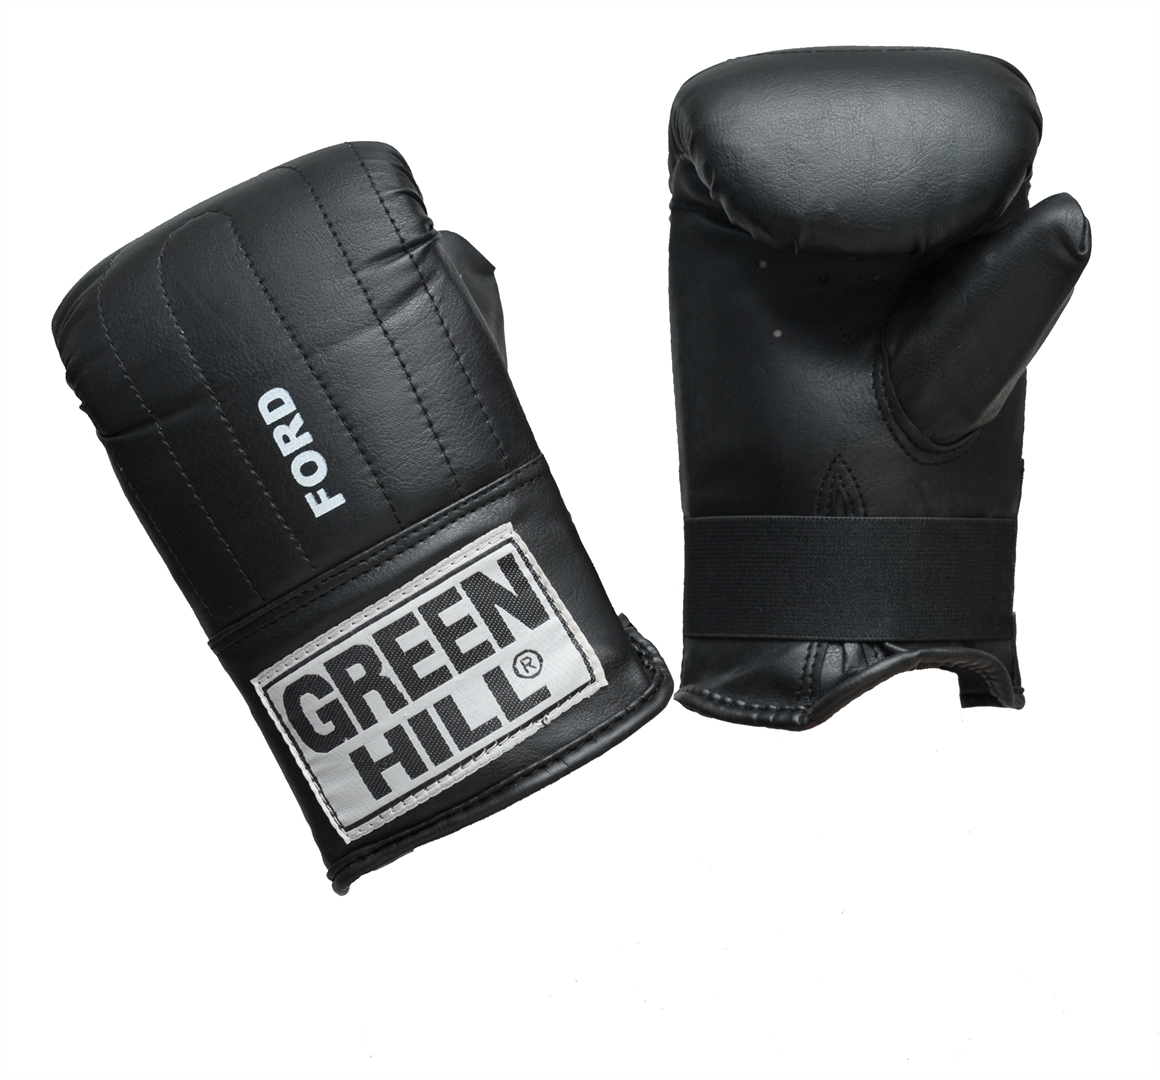 Перчатки снарядные Green Hill Ford, цвет: черный. Размер S перчатки для рукопашного боя green hill цвет черный размер xl pg 2045